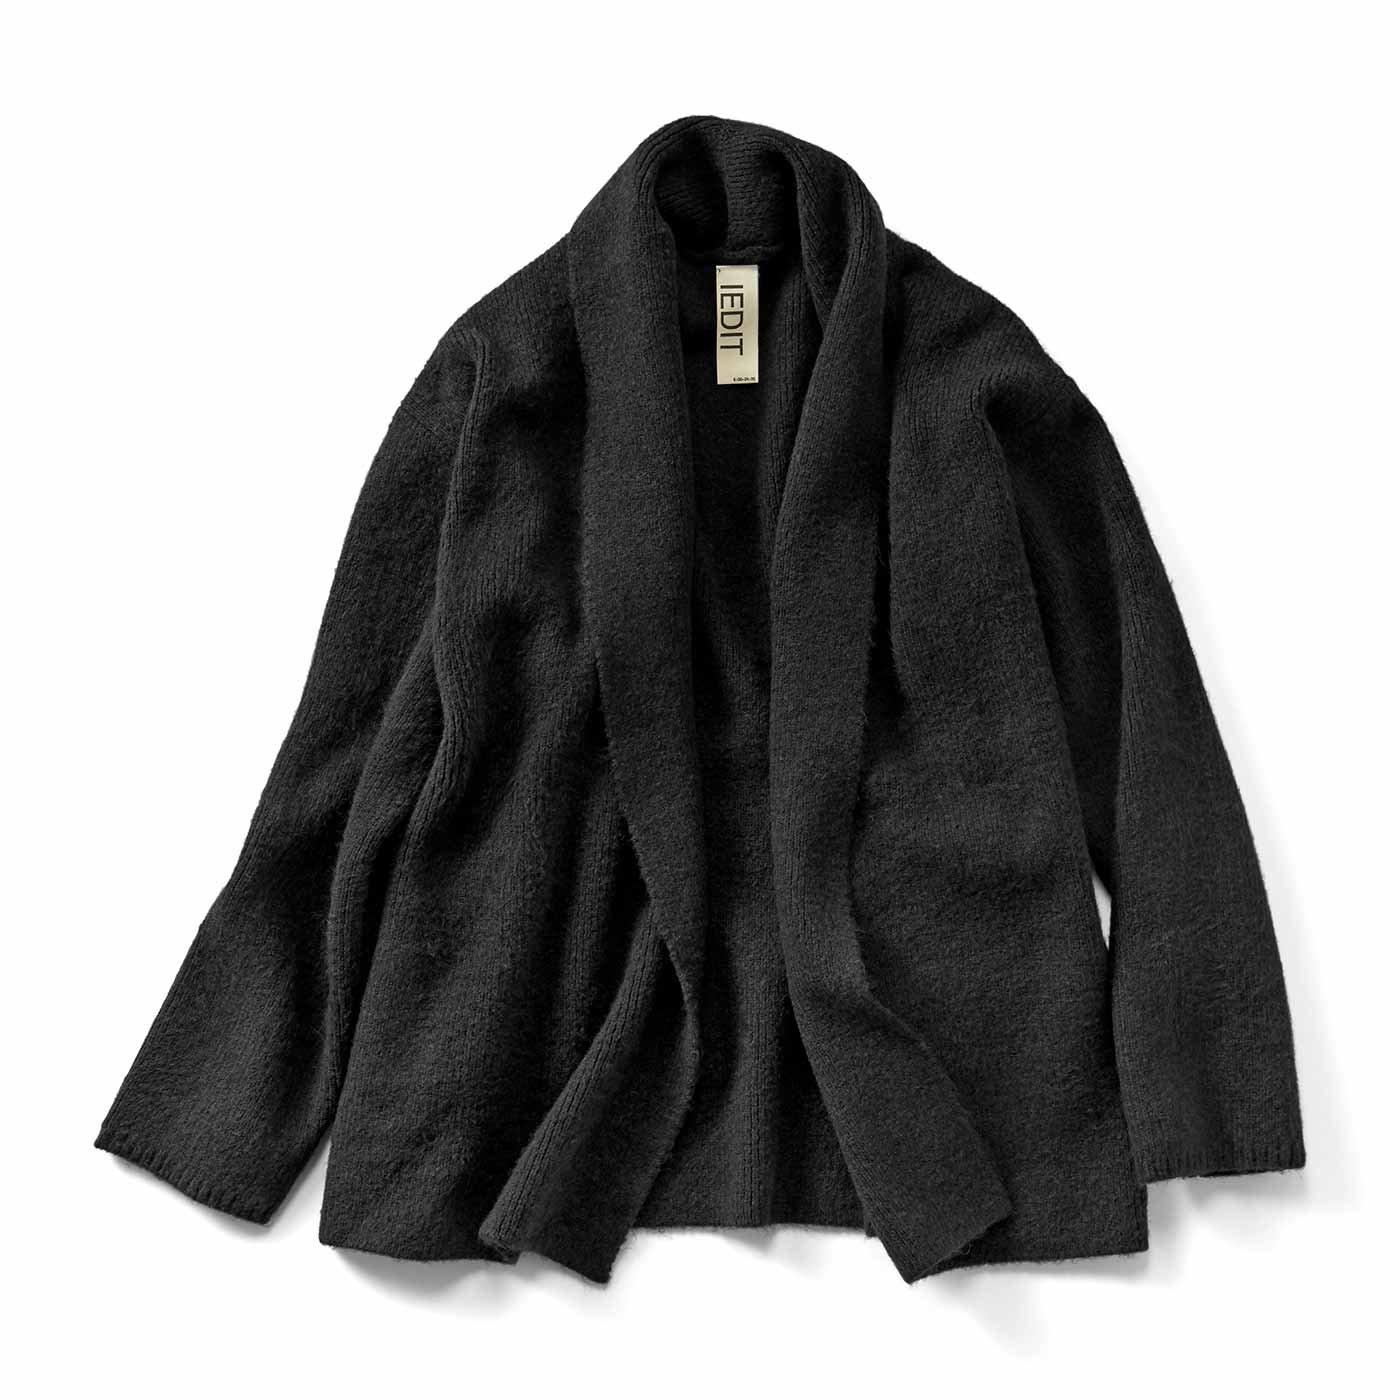 IEDIT[イディット] ショールカラーのやわらかニットジャケット〈ブラック〉